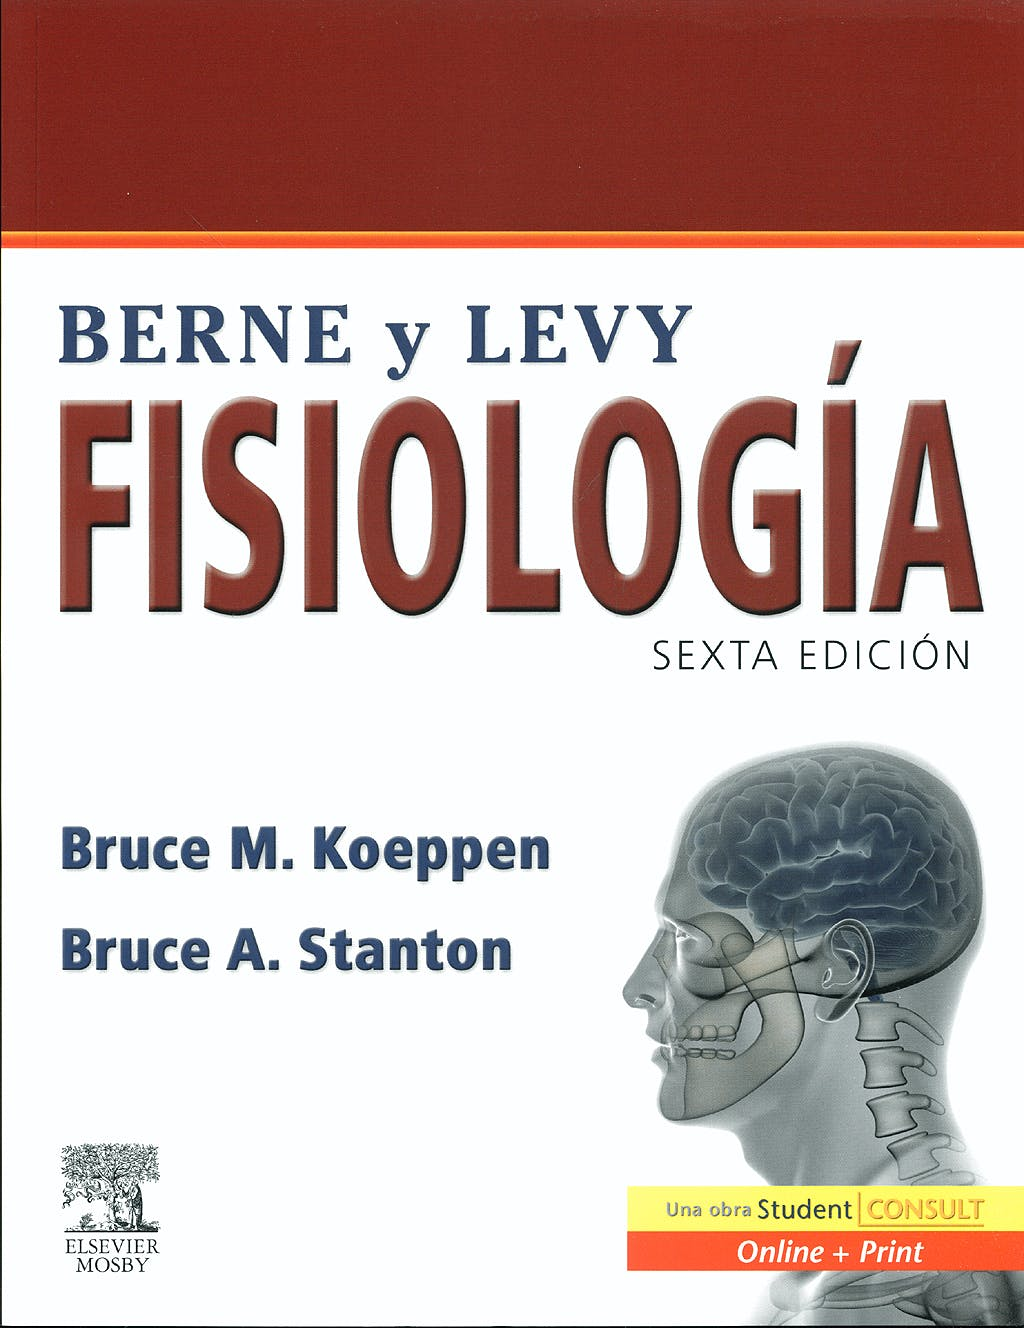 Producto: Berne y Levy Fisiología + Acceso Online